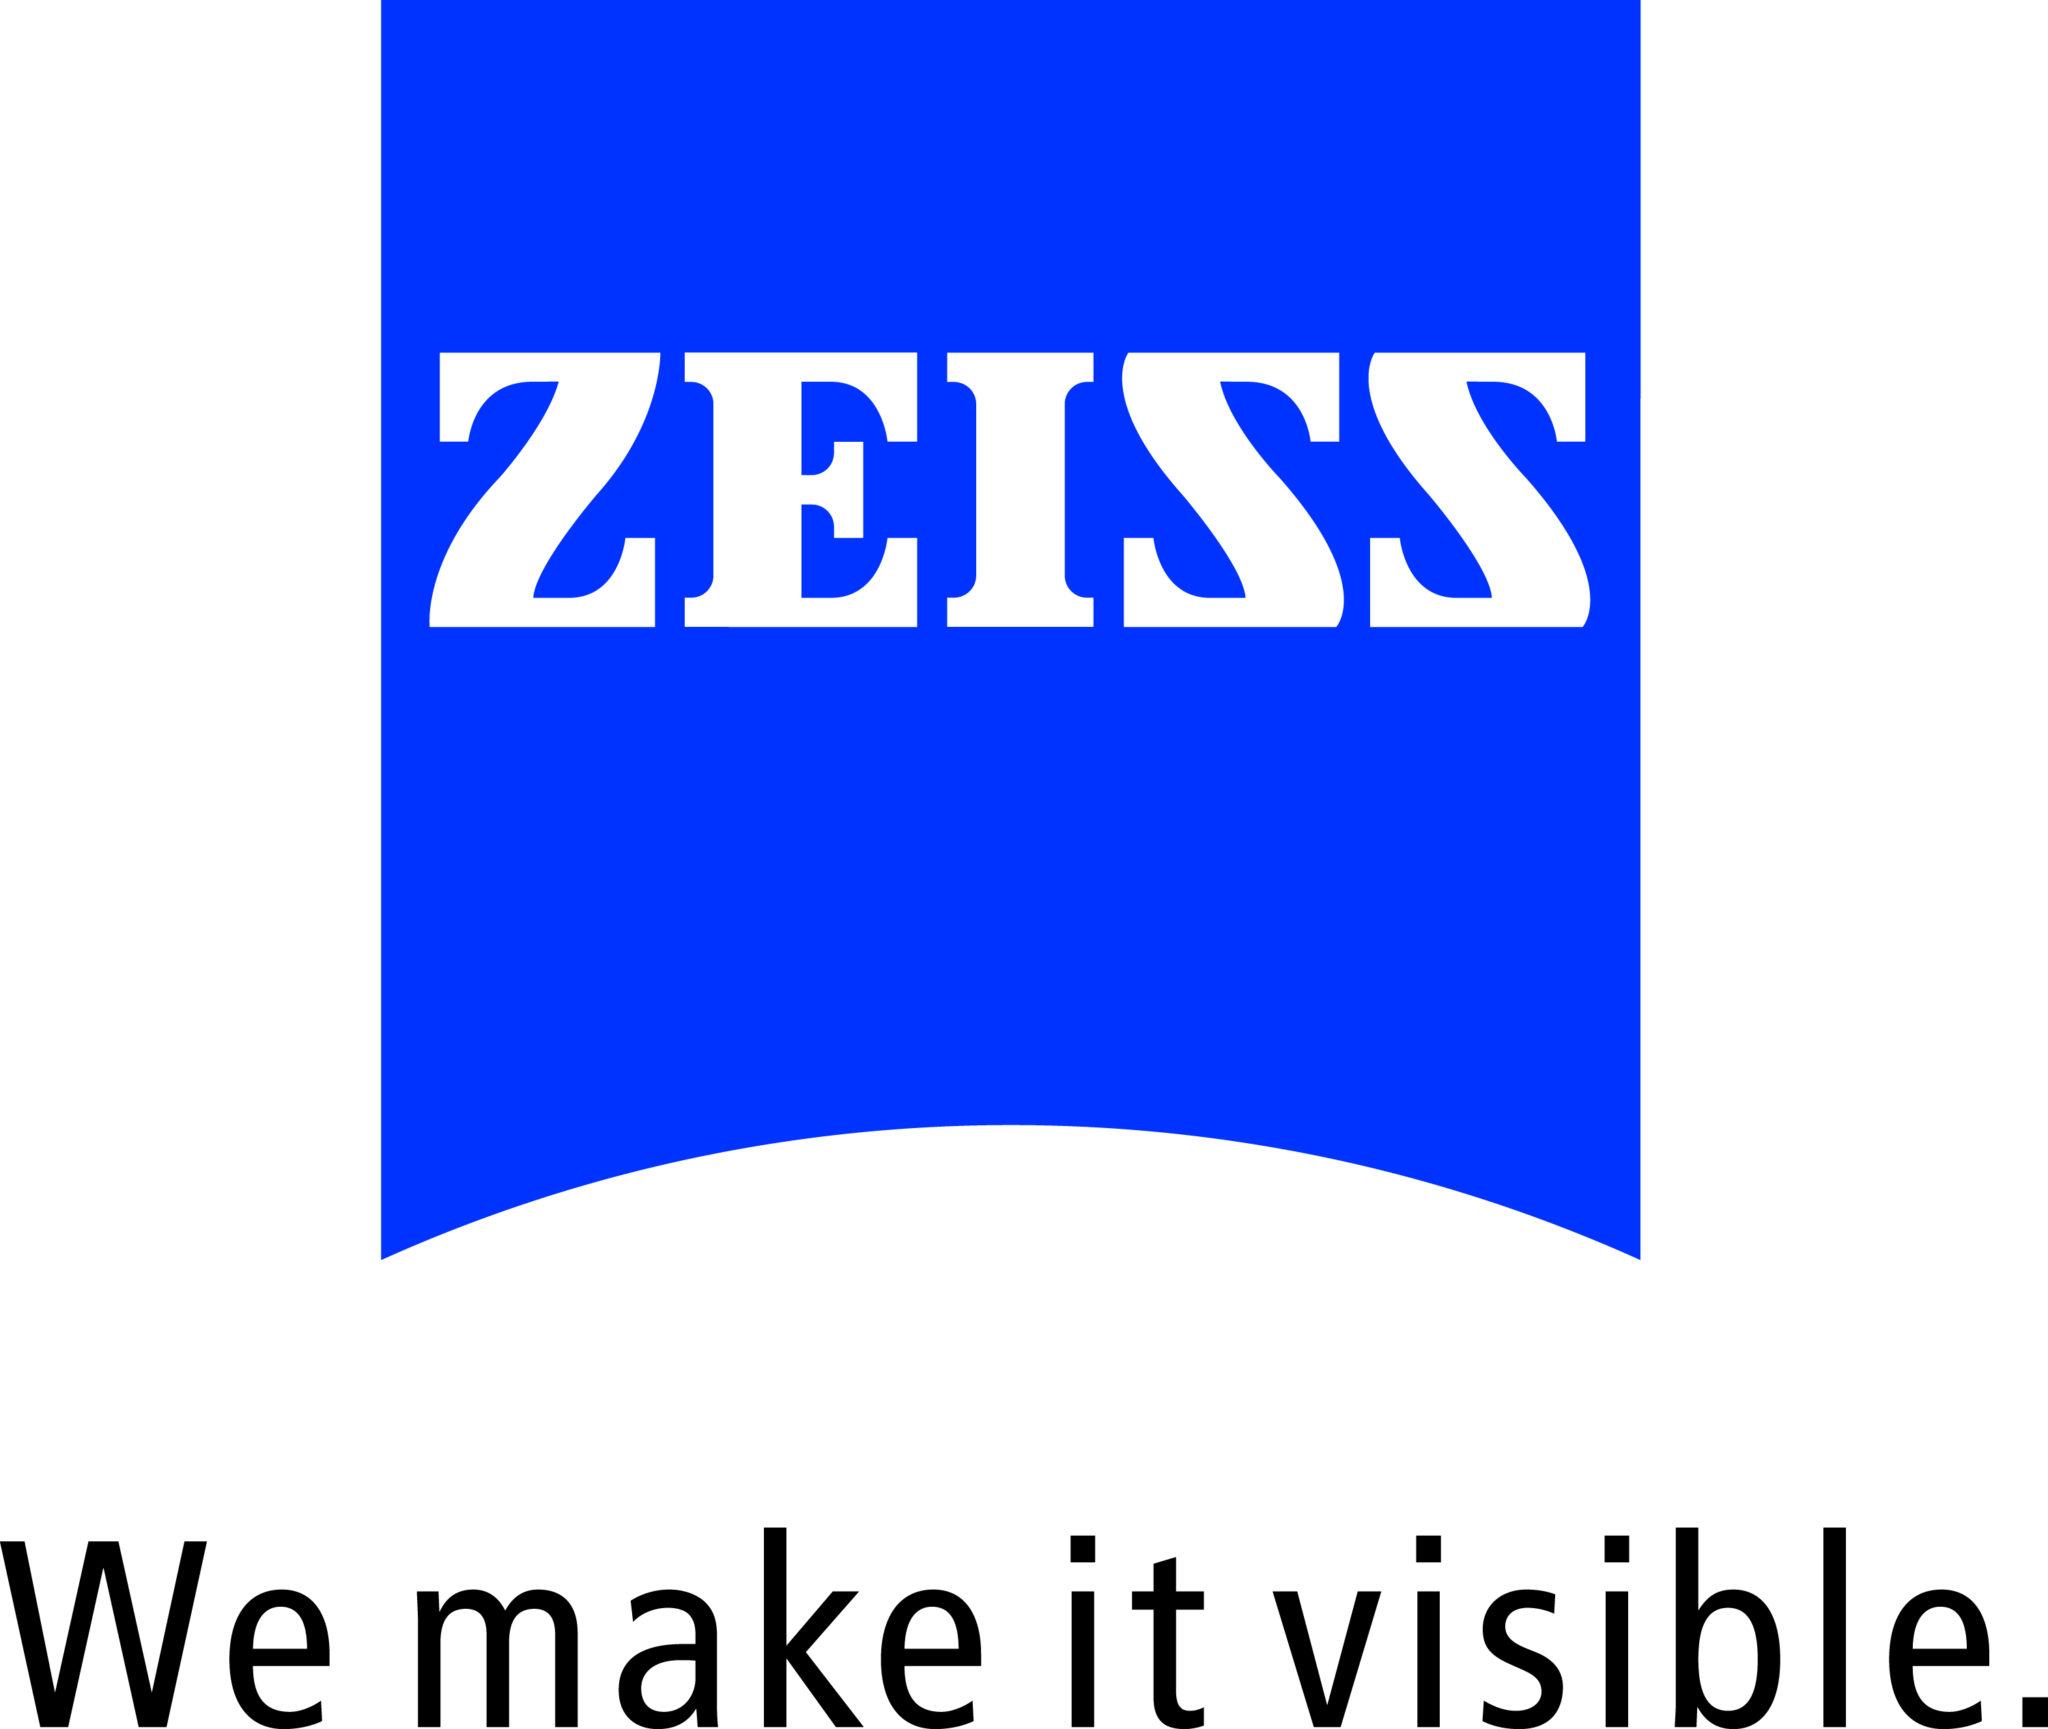 185_zeiss_logo_baseline_nb.jpg -